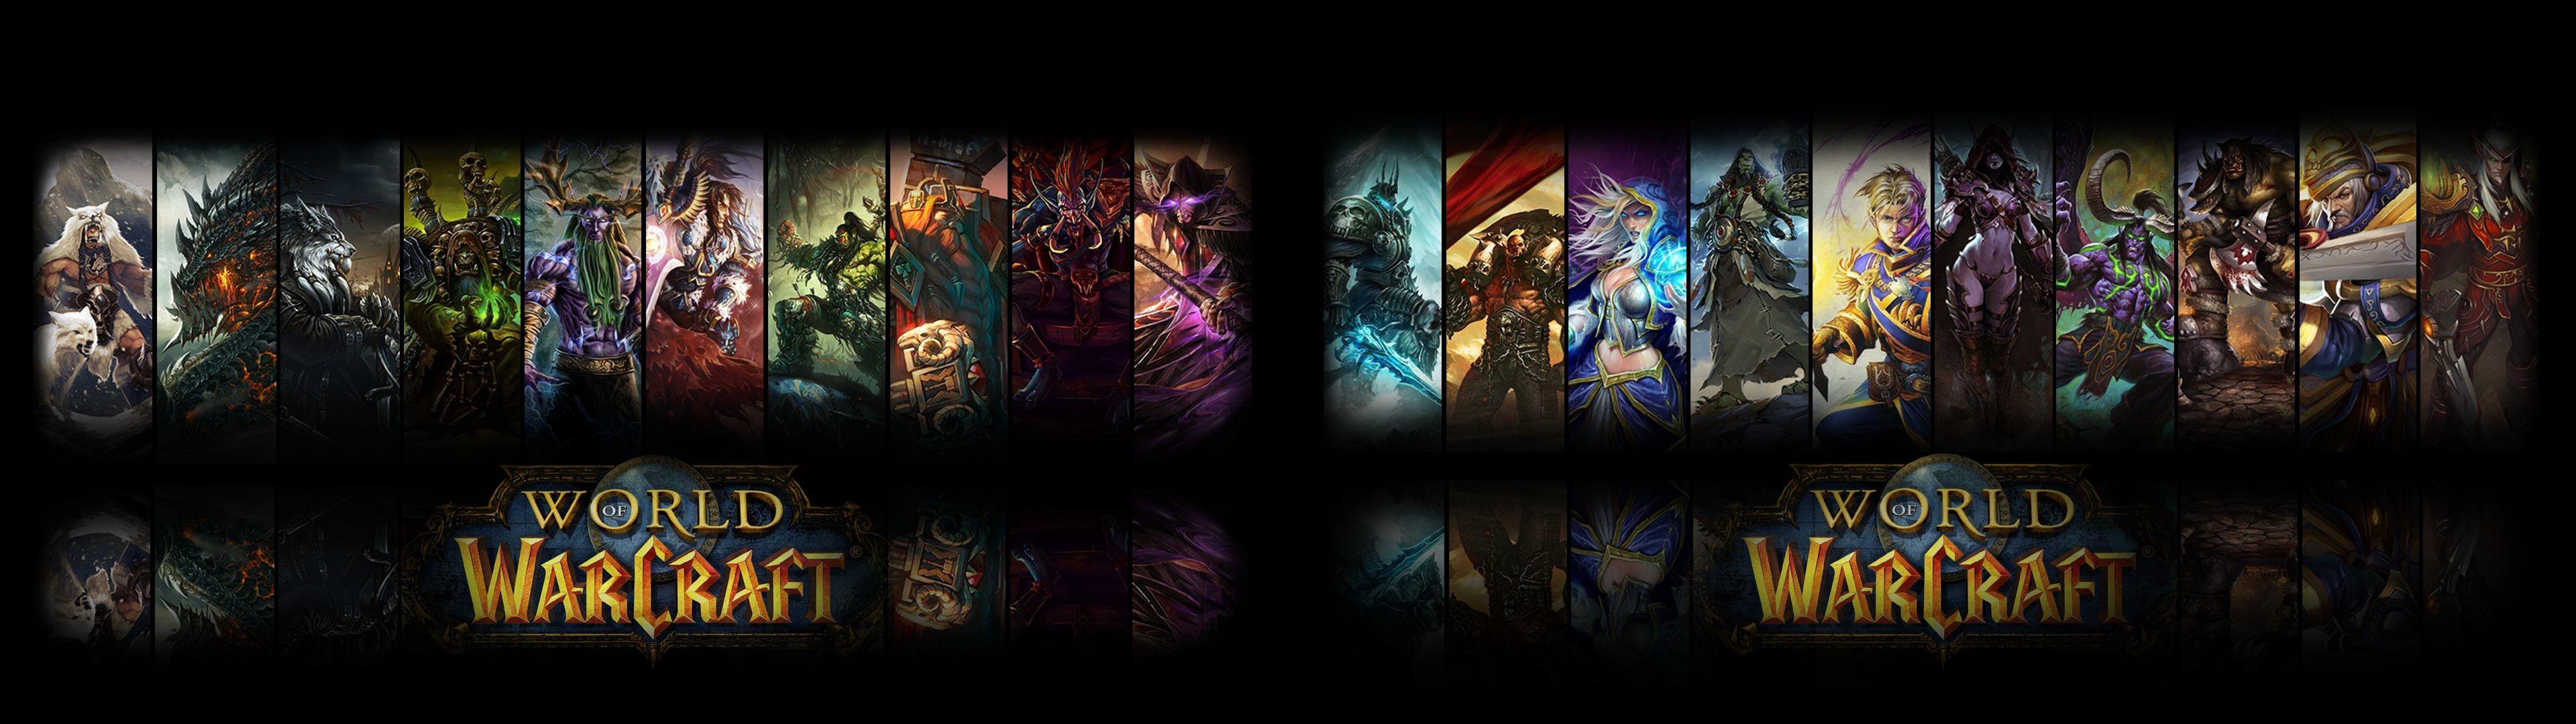 2 Fond D écran Diffã©rent En Dual Screen Best Of World - World Of Warcraft Dual Screen Background - HD Wallpaper